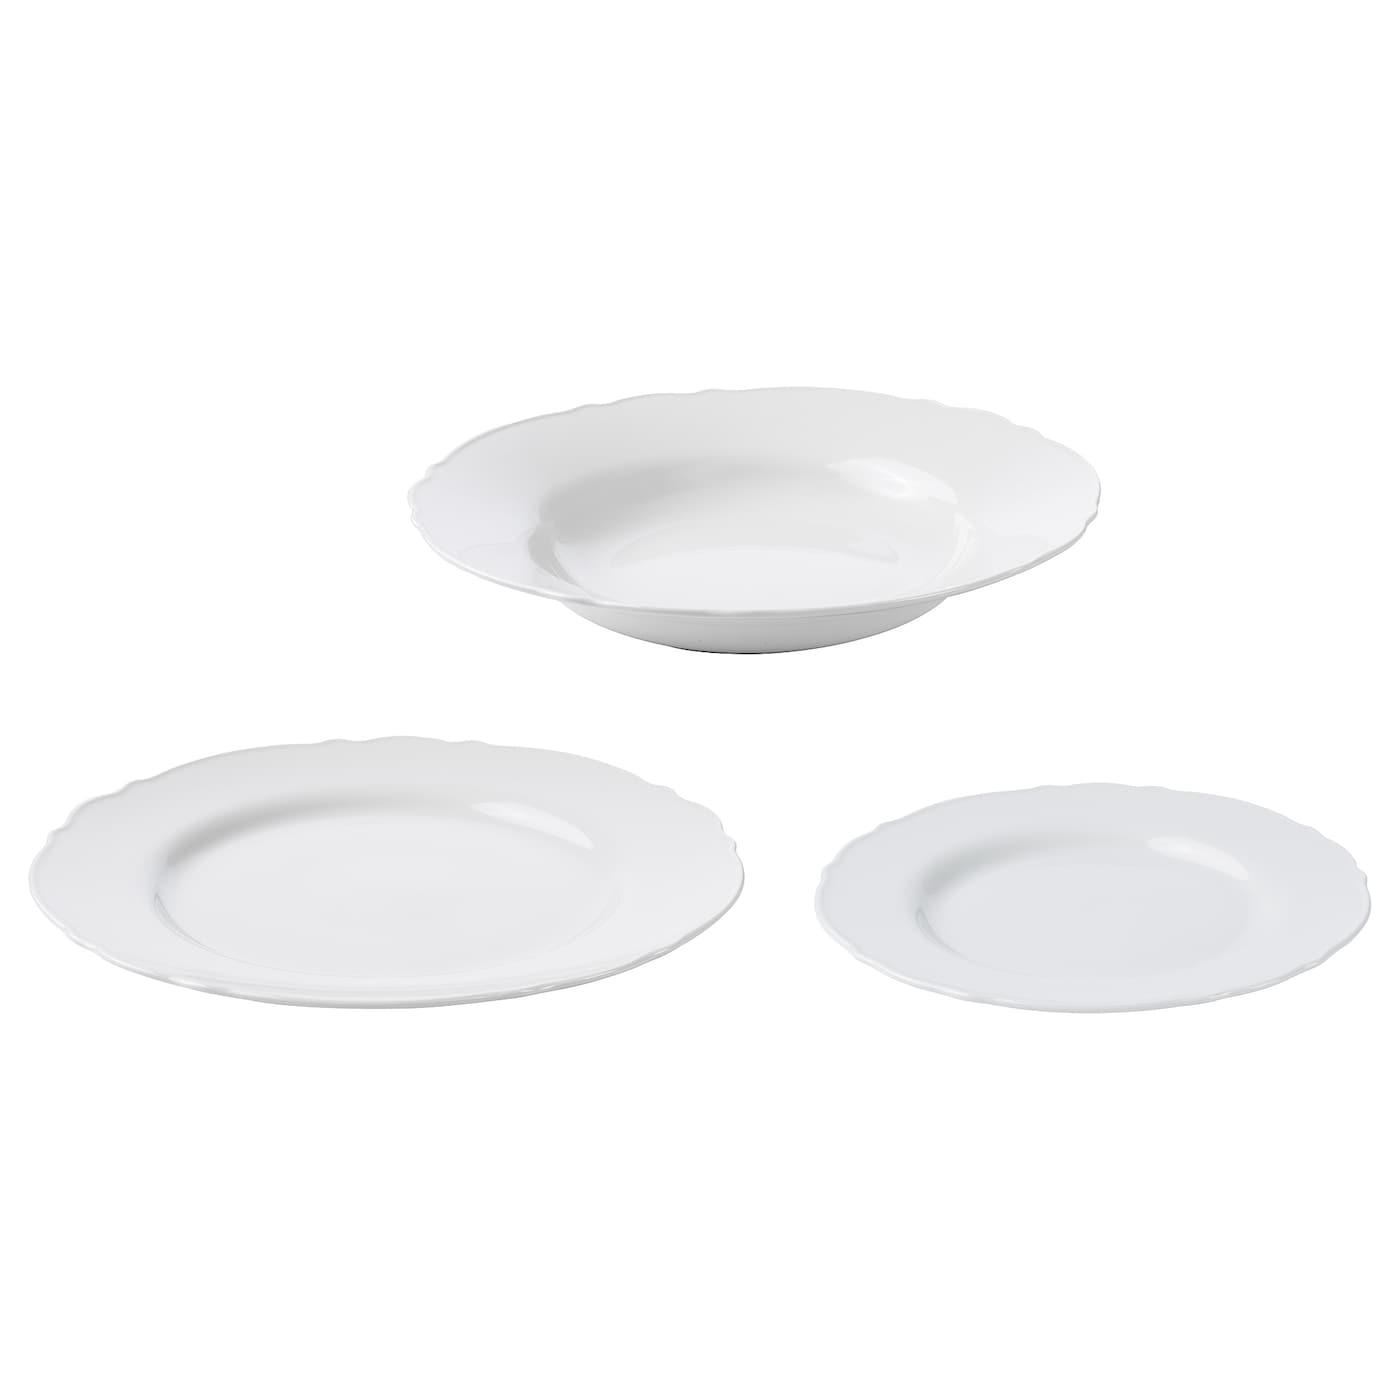 UPPLAGA Vajilla 18 piezas blanco